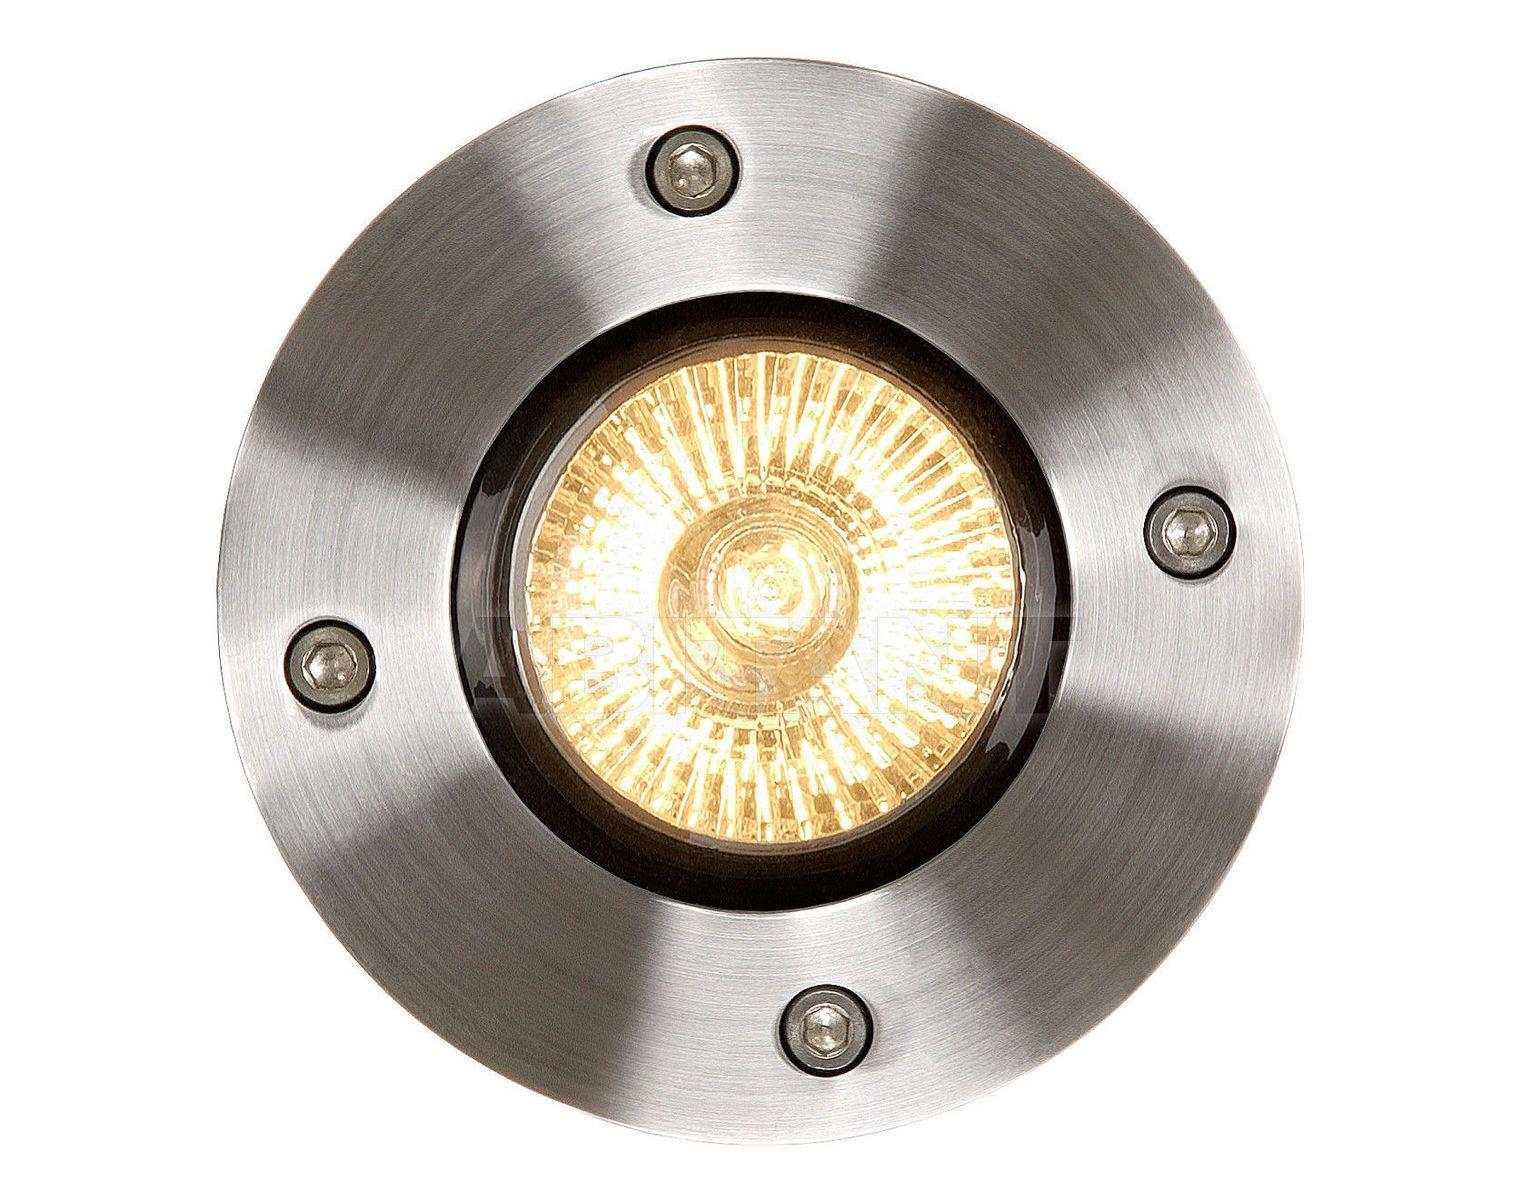 Купить Встраиваемый светильник RECESSED Lucide  Outdoor 2013 11801/21/12